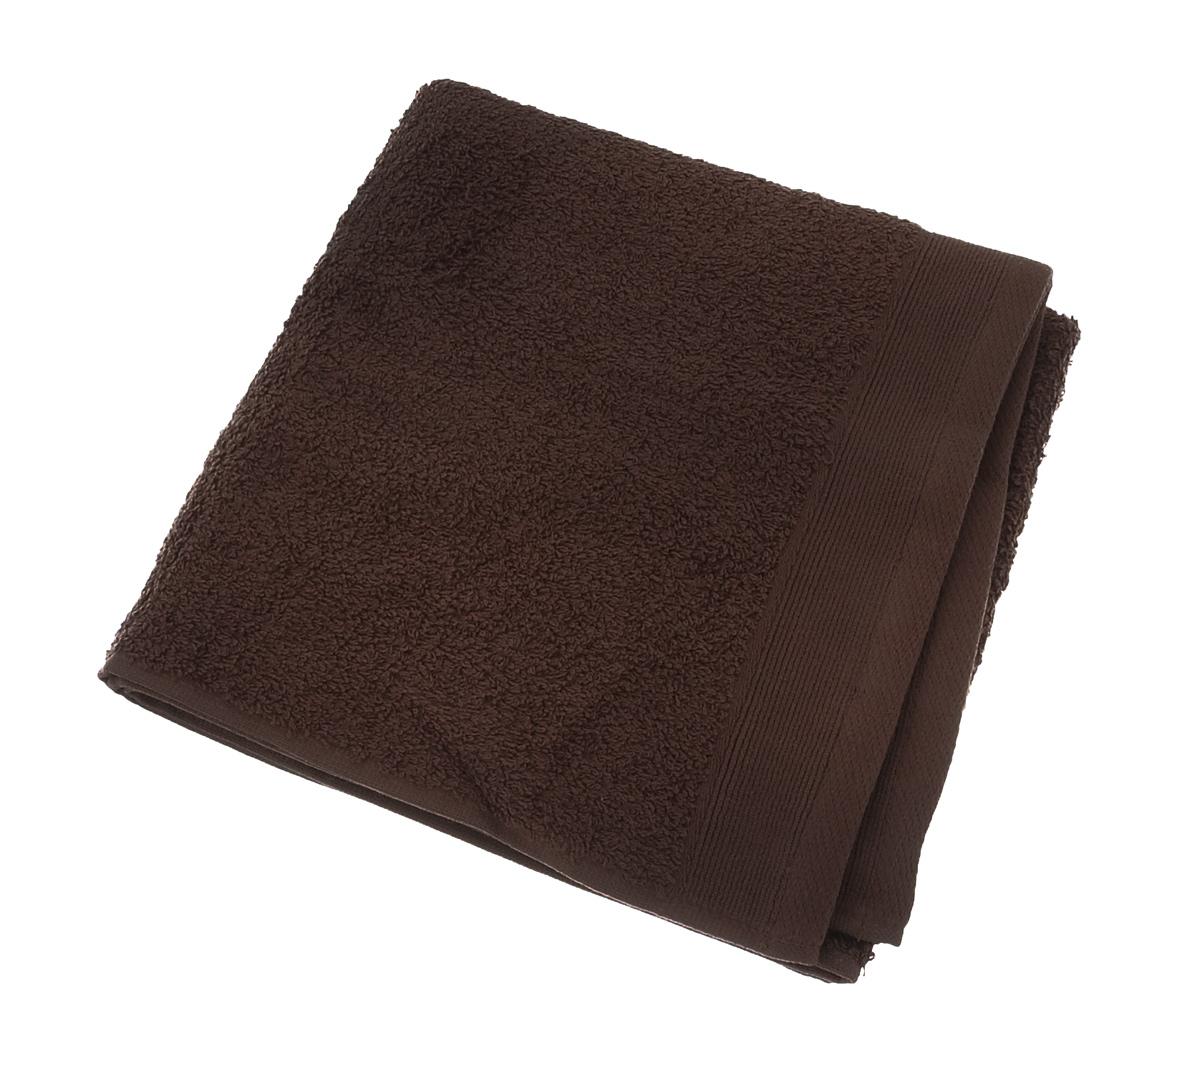 Полотенце махровое Guten Morgen, цвет: какао, 50 х 100 см4974Махровое полотенце Guten Morgen, изготовленное из натурального хлопка, прекрасно впитывает влагу и быстро сохнет. Высокая плотность ткани делает полотенце мягкими, прочными и пушистыми. При соблюдении рекомендаций по уходу изделие сохраняет яркость цвета и не теряет форму даже после многократных стирок. Махровое полотенце Guten Morgen станет достойным выбором для вас и приятным подарком для ваших близких. Мягкость и высокое качество материала, из которого изготовлено полотенце, не оставит вас равнодушными.